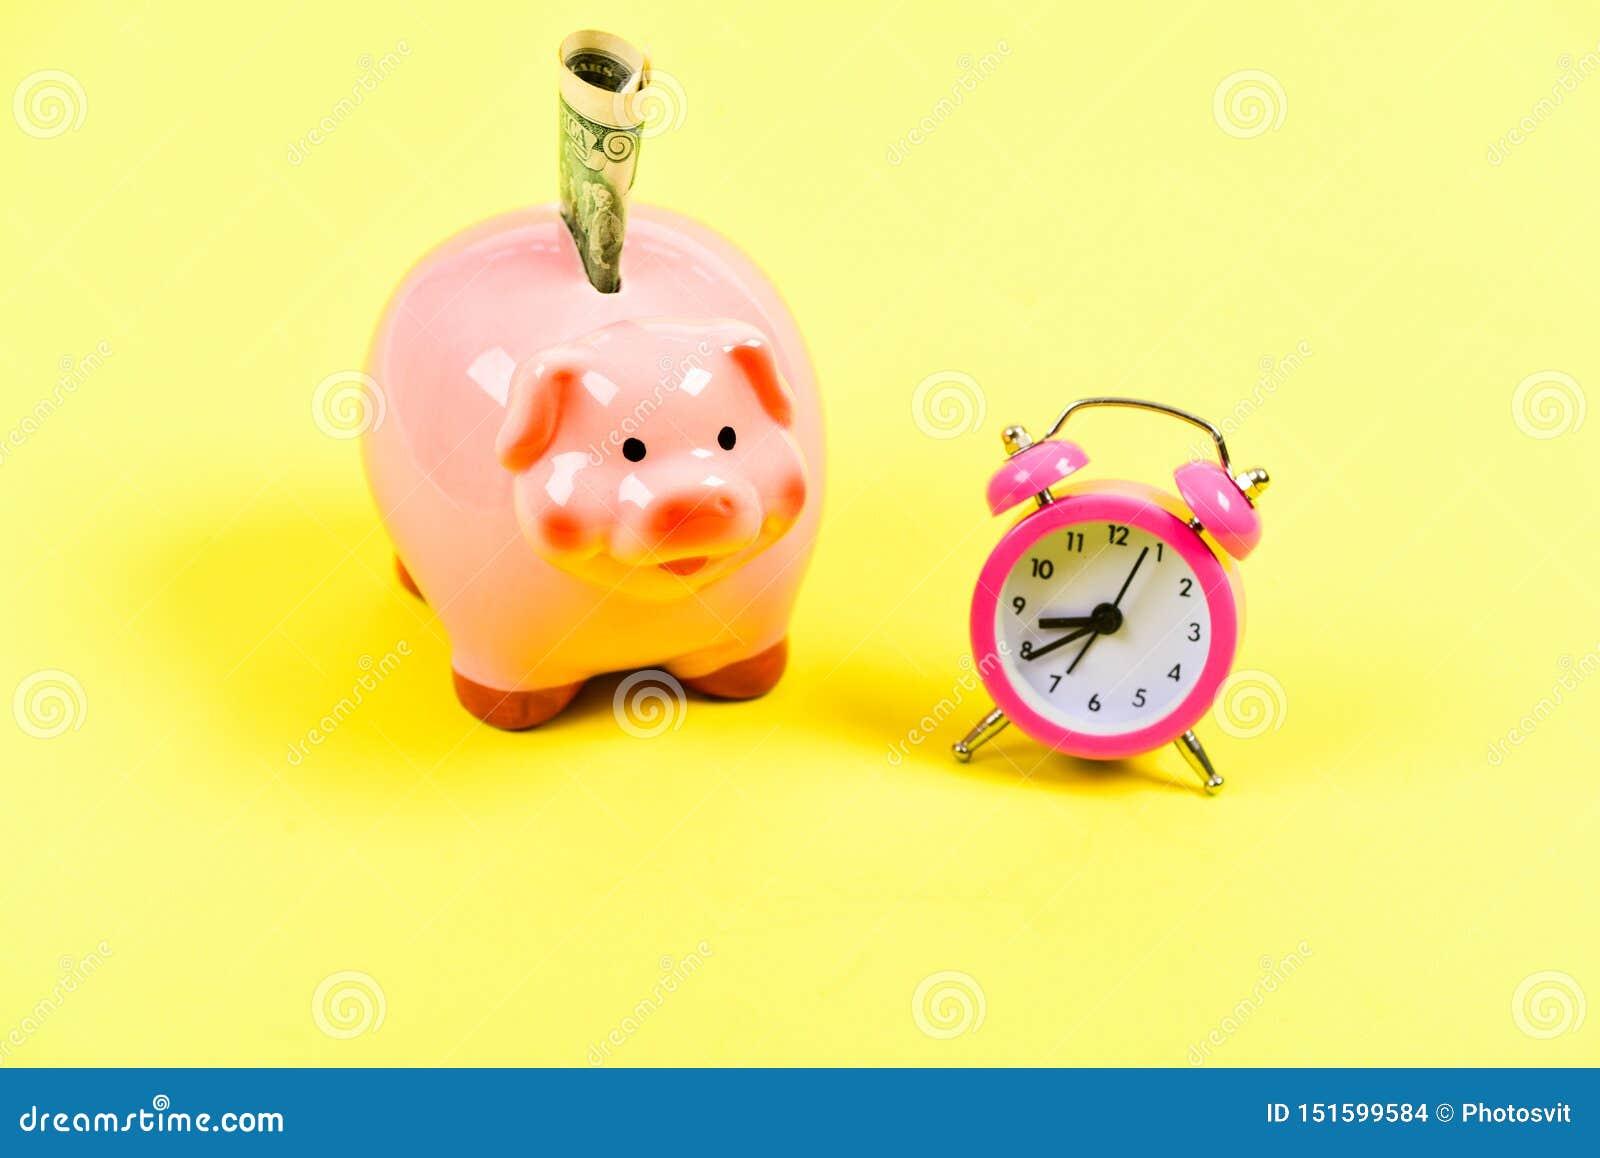 No falte su ocasión éxito en comercio de las finanzas El tiempo es oro Aumento de presupuesto de la economía Puesta en marcha del